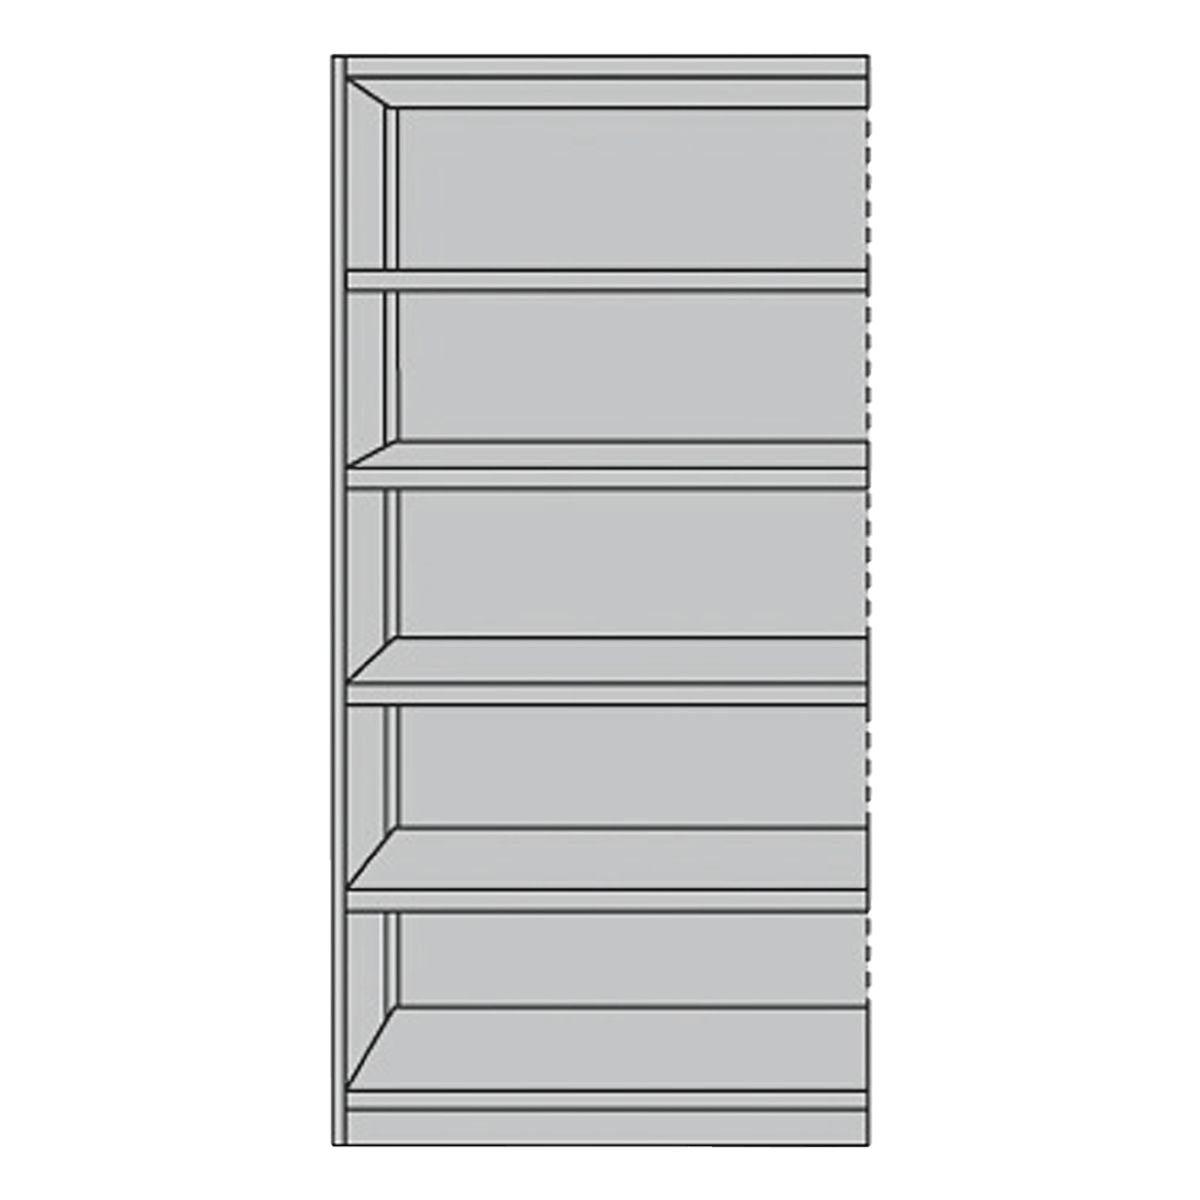 KERKMANN Regalfeld mit Rückwand 96 cm breit »Office 6 OH«